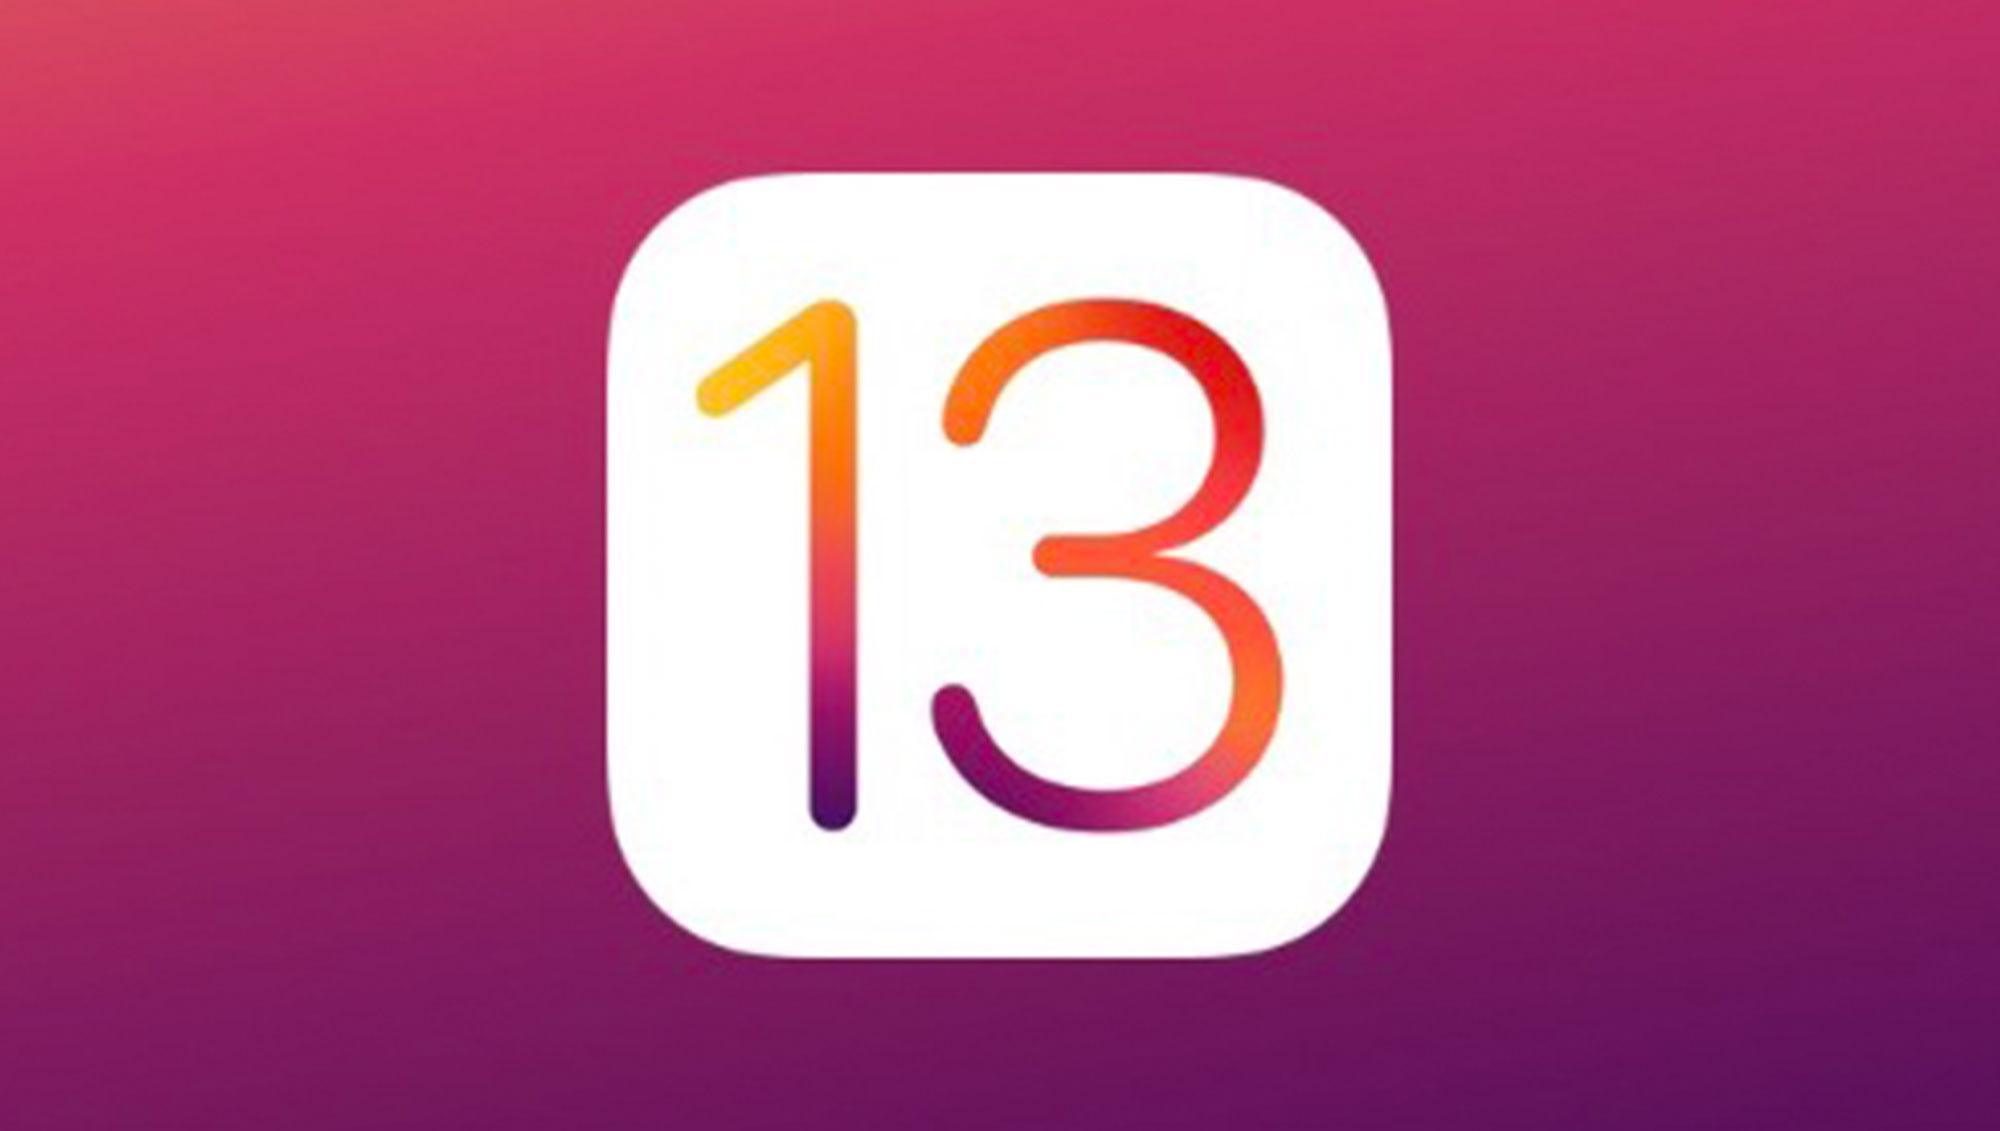 苹果发布 iPadOS/iOS 13 第四个公测版